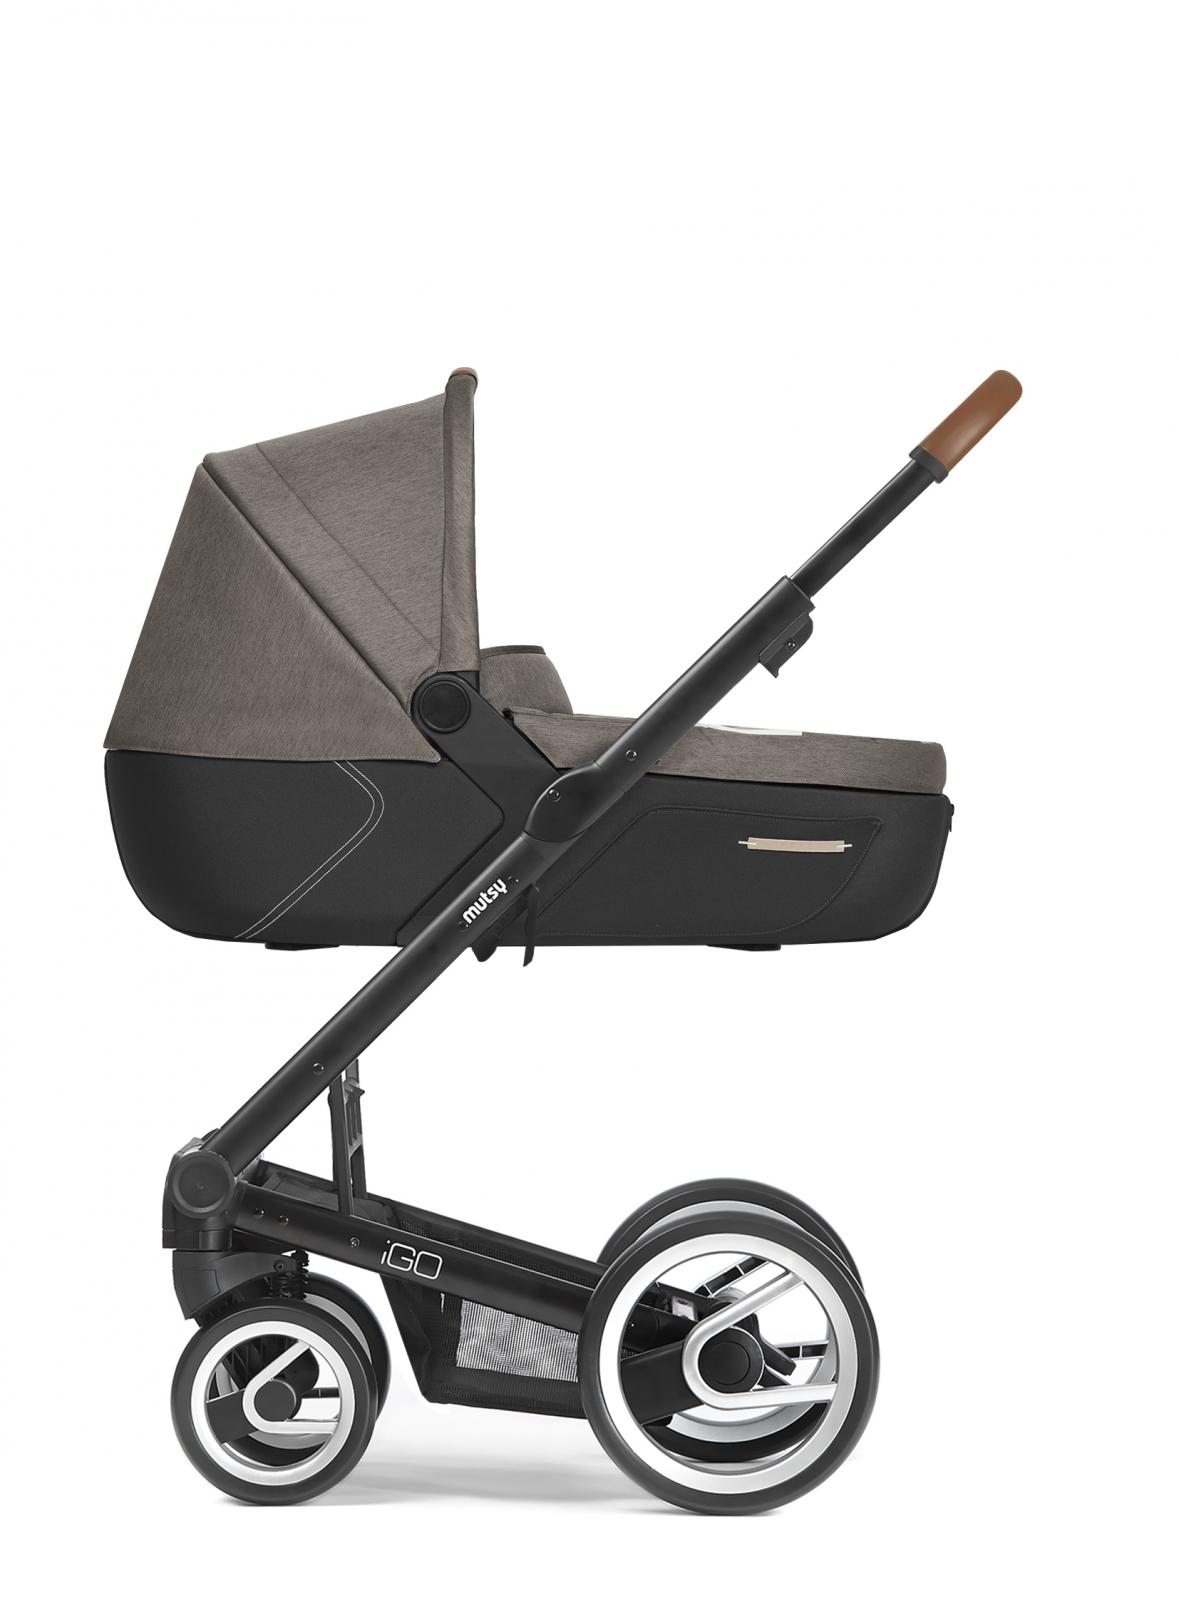 Mutsy Igo Pure Black Chassis Baby Plus B V